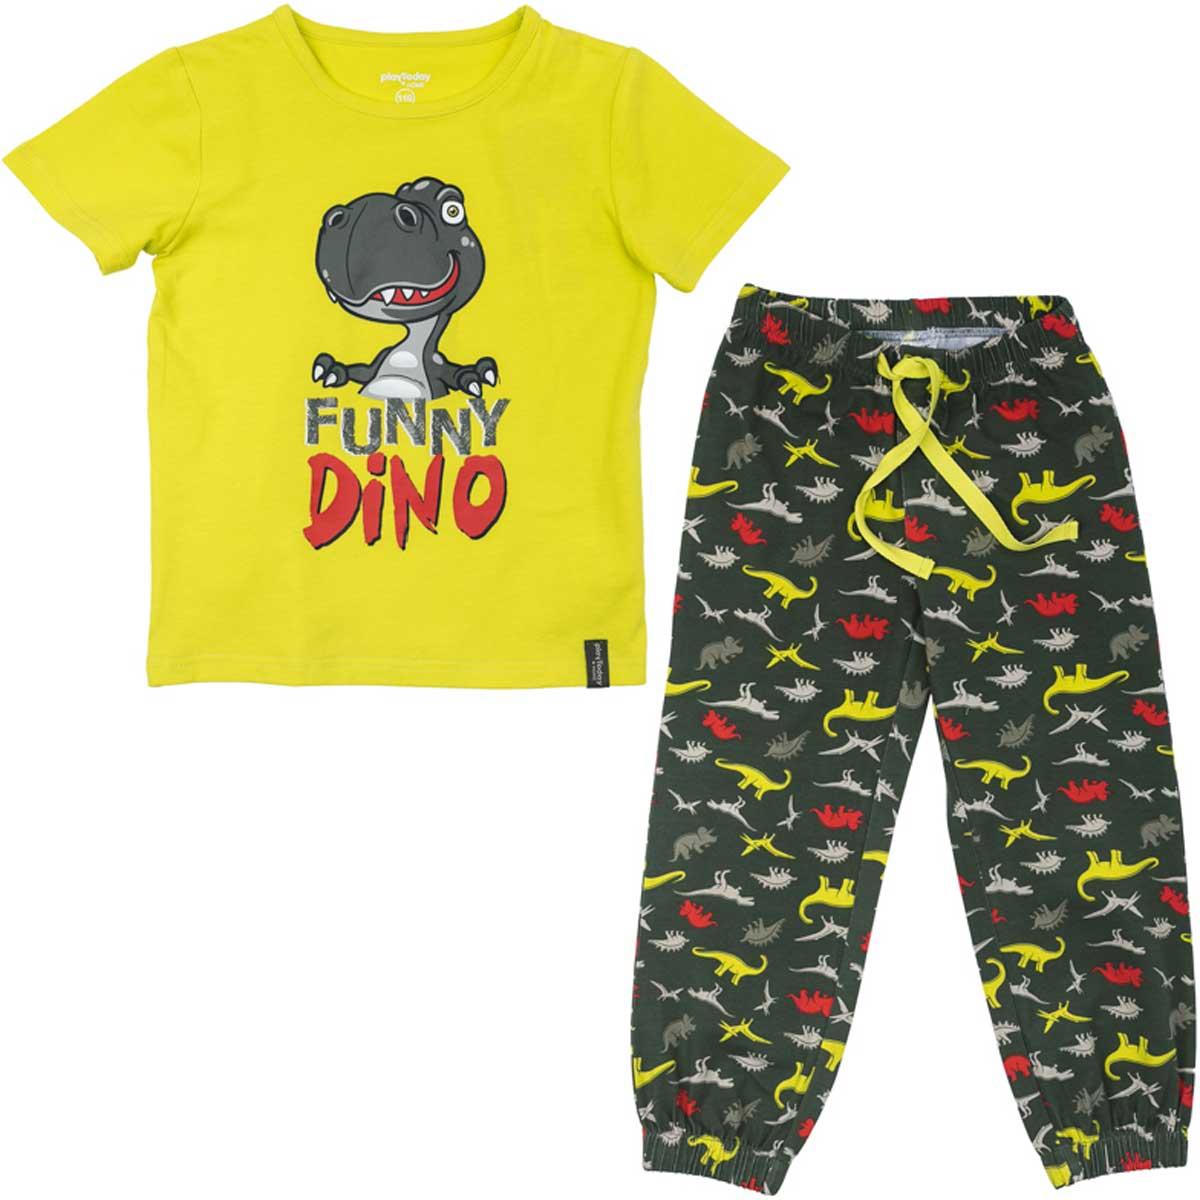 Комплект для мальчика PlayToday: футболка, брюки, цвет: желтый, темно-серый. 175001. Размер 128175001Комплект из футболки и брюк прекрасно подойдет для домашнего использования. Мягкий, приятный к телу, материал не сковывает движений. Яркий стильный принт является достойным украшением данного изделия. Брюки на мягкой удобной резинке на поясе и на штанинах, с регулируемым шнуром - кулиской на поясе.